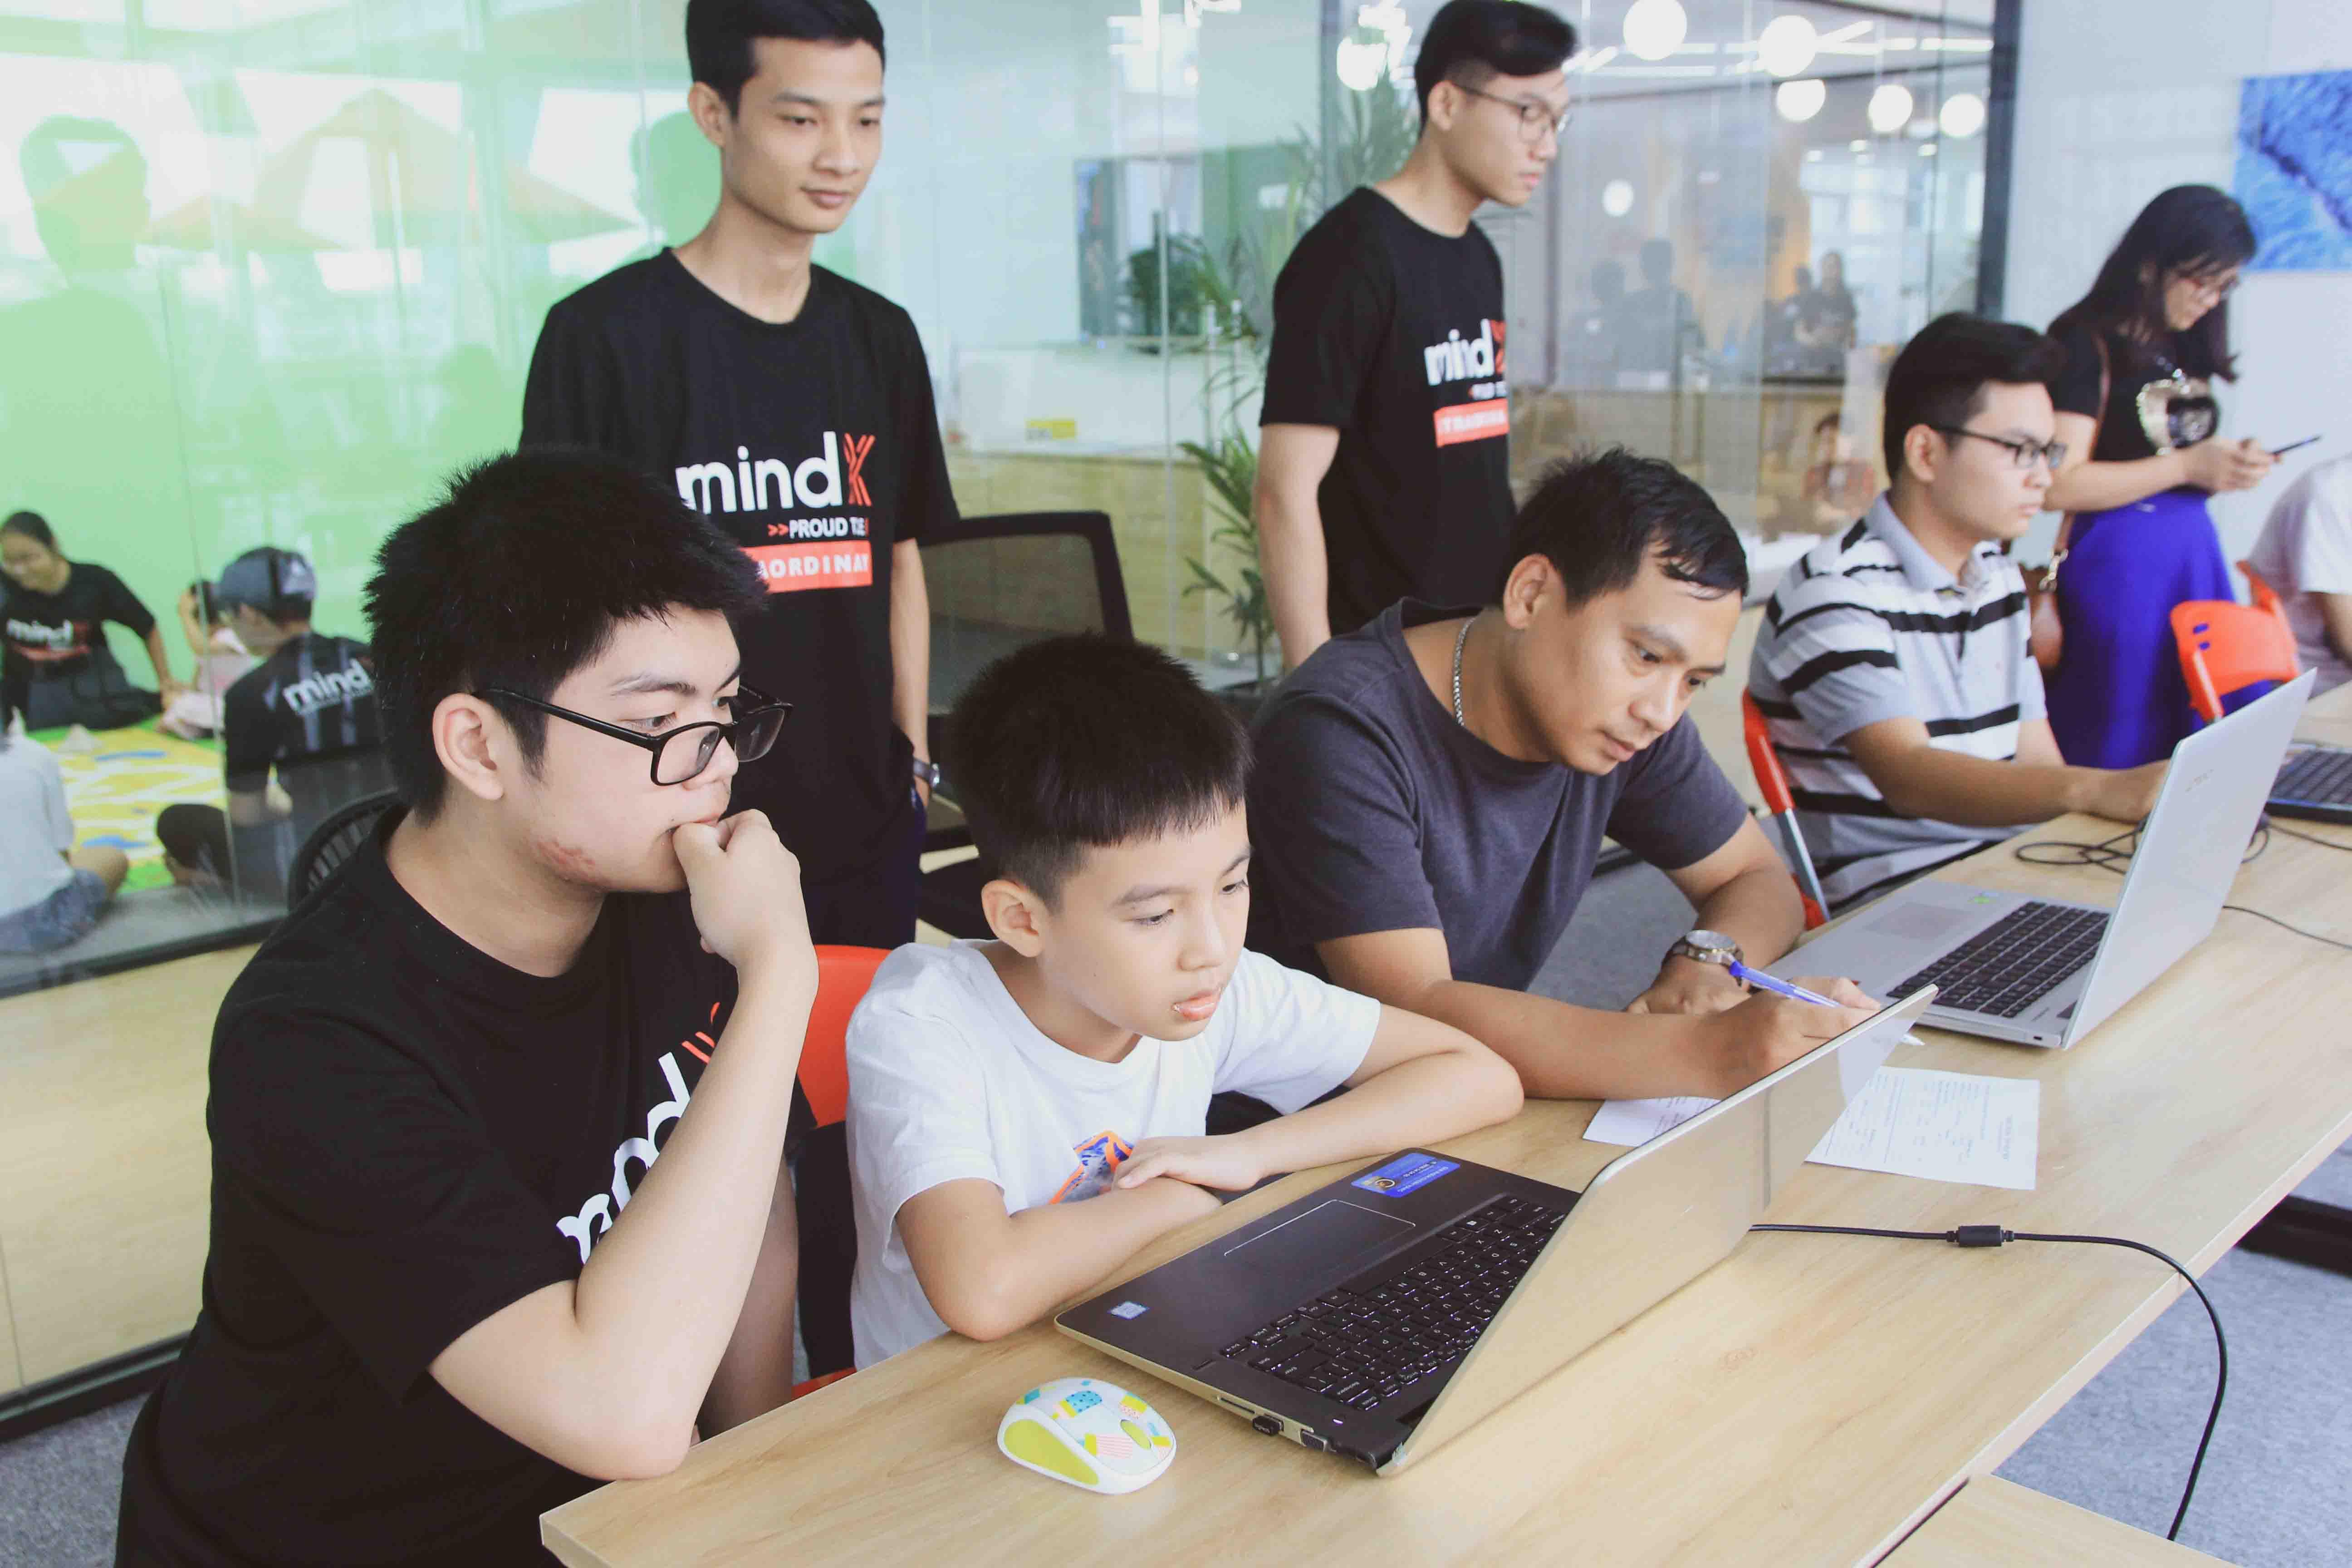 Tìm hiểu mô hình Blended Learning tại MindX - 3